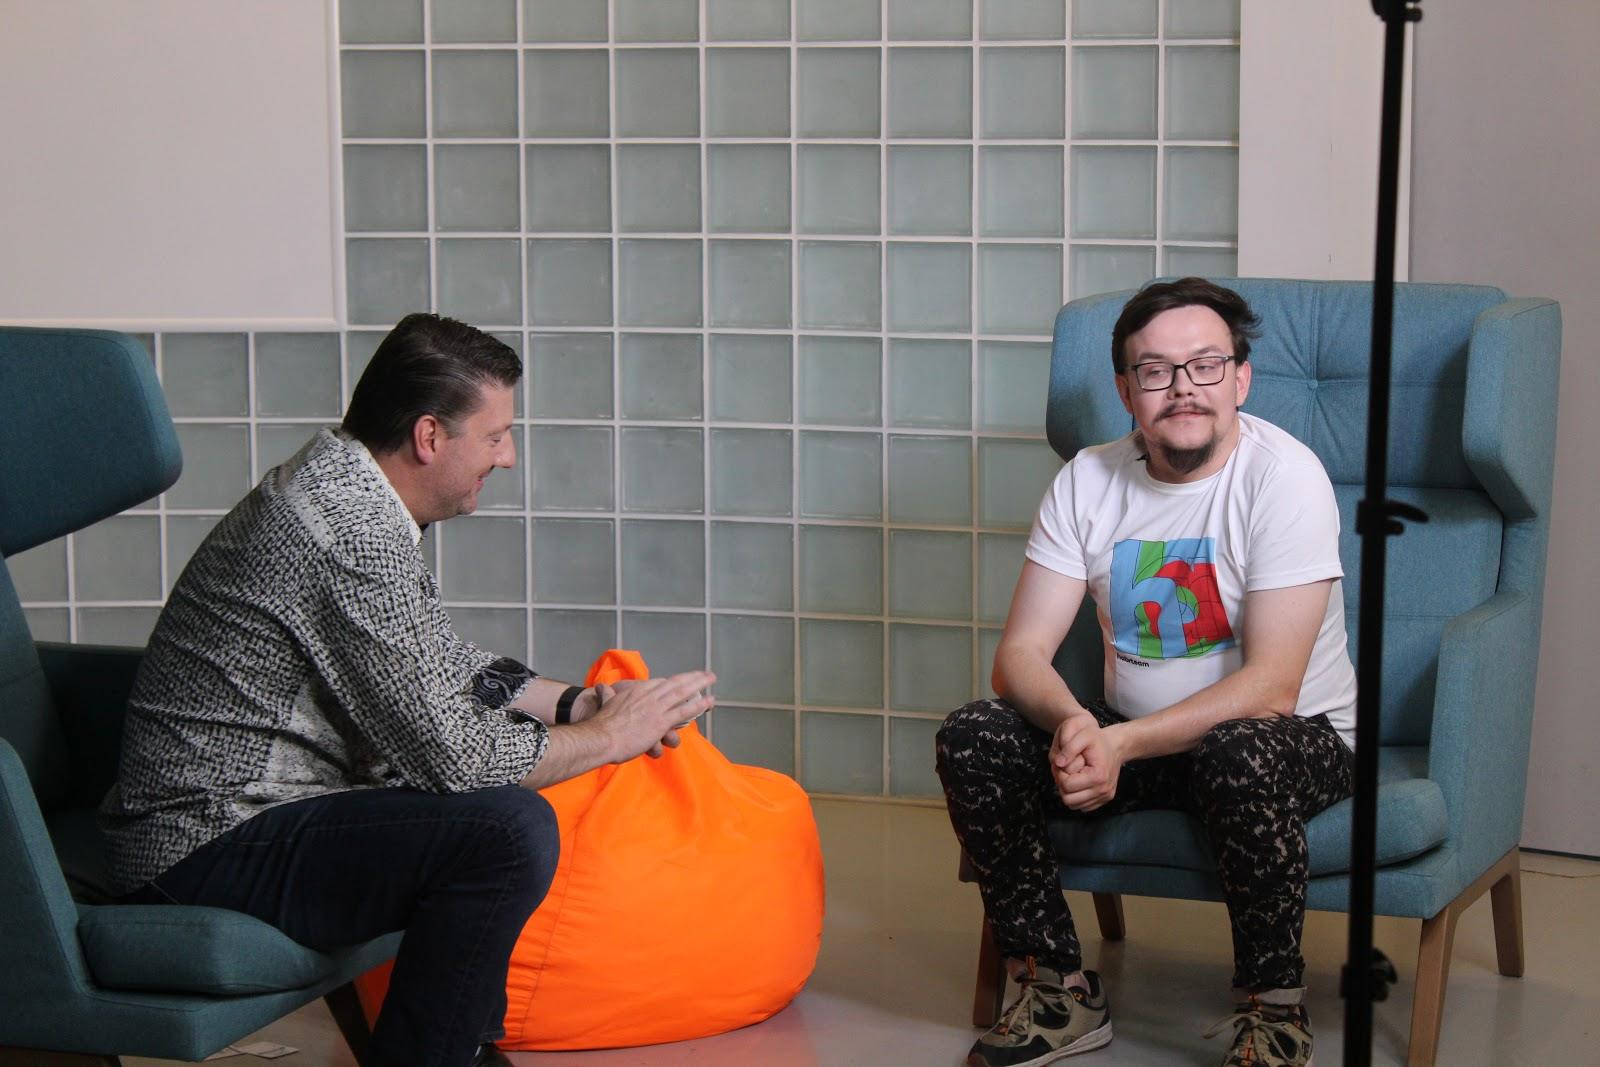 Тот, кто воскресил Duke Nukem: интервью с Рэнди Питчфордом, волшебником из Gearbox - 13